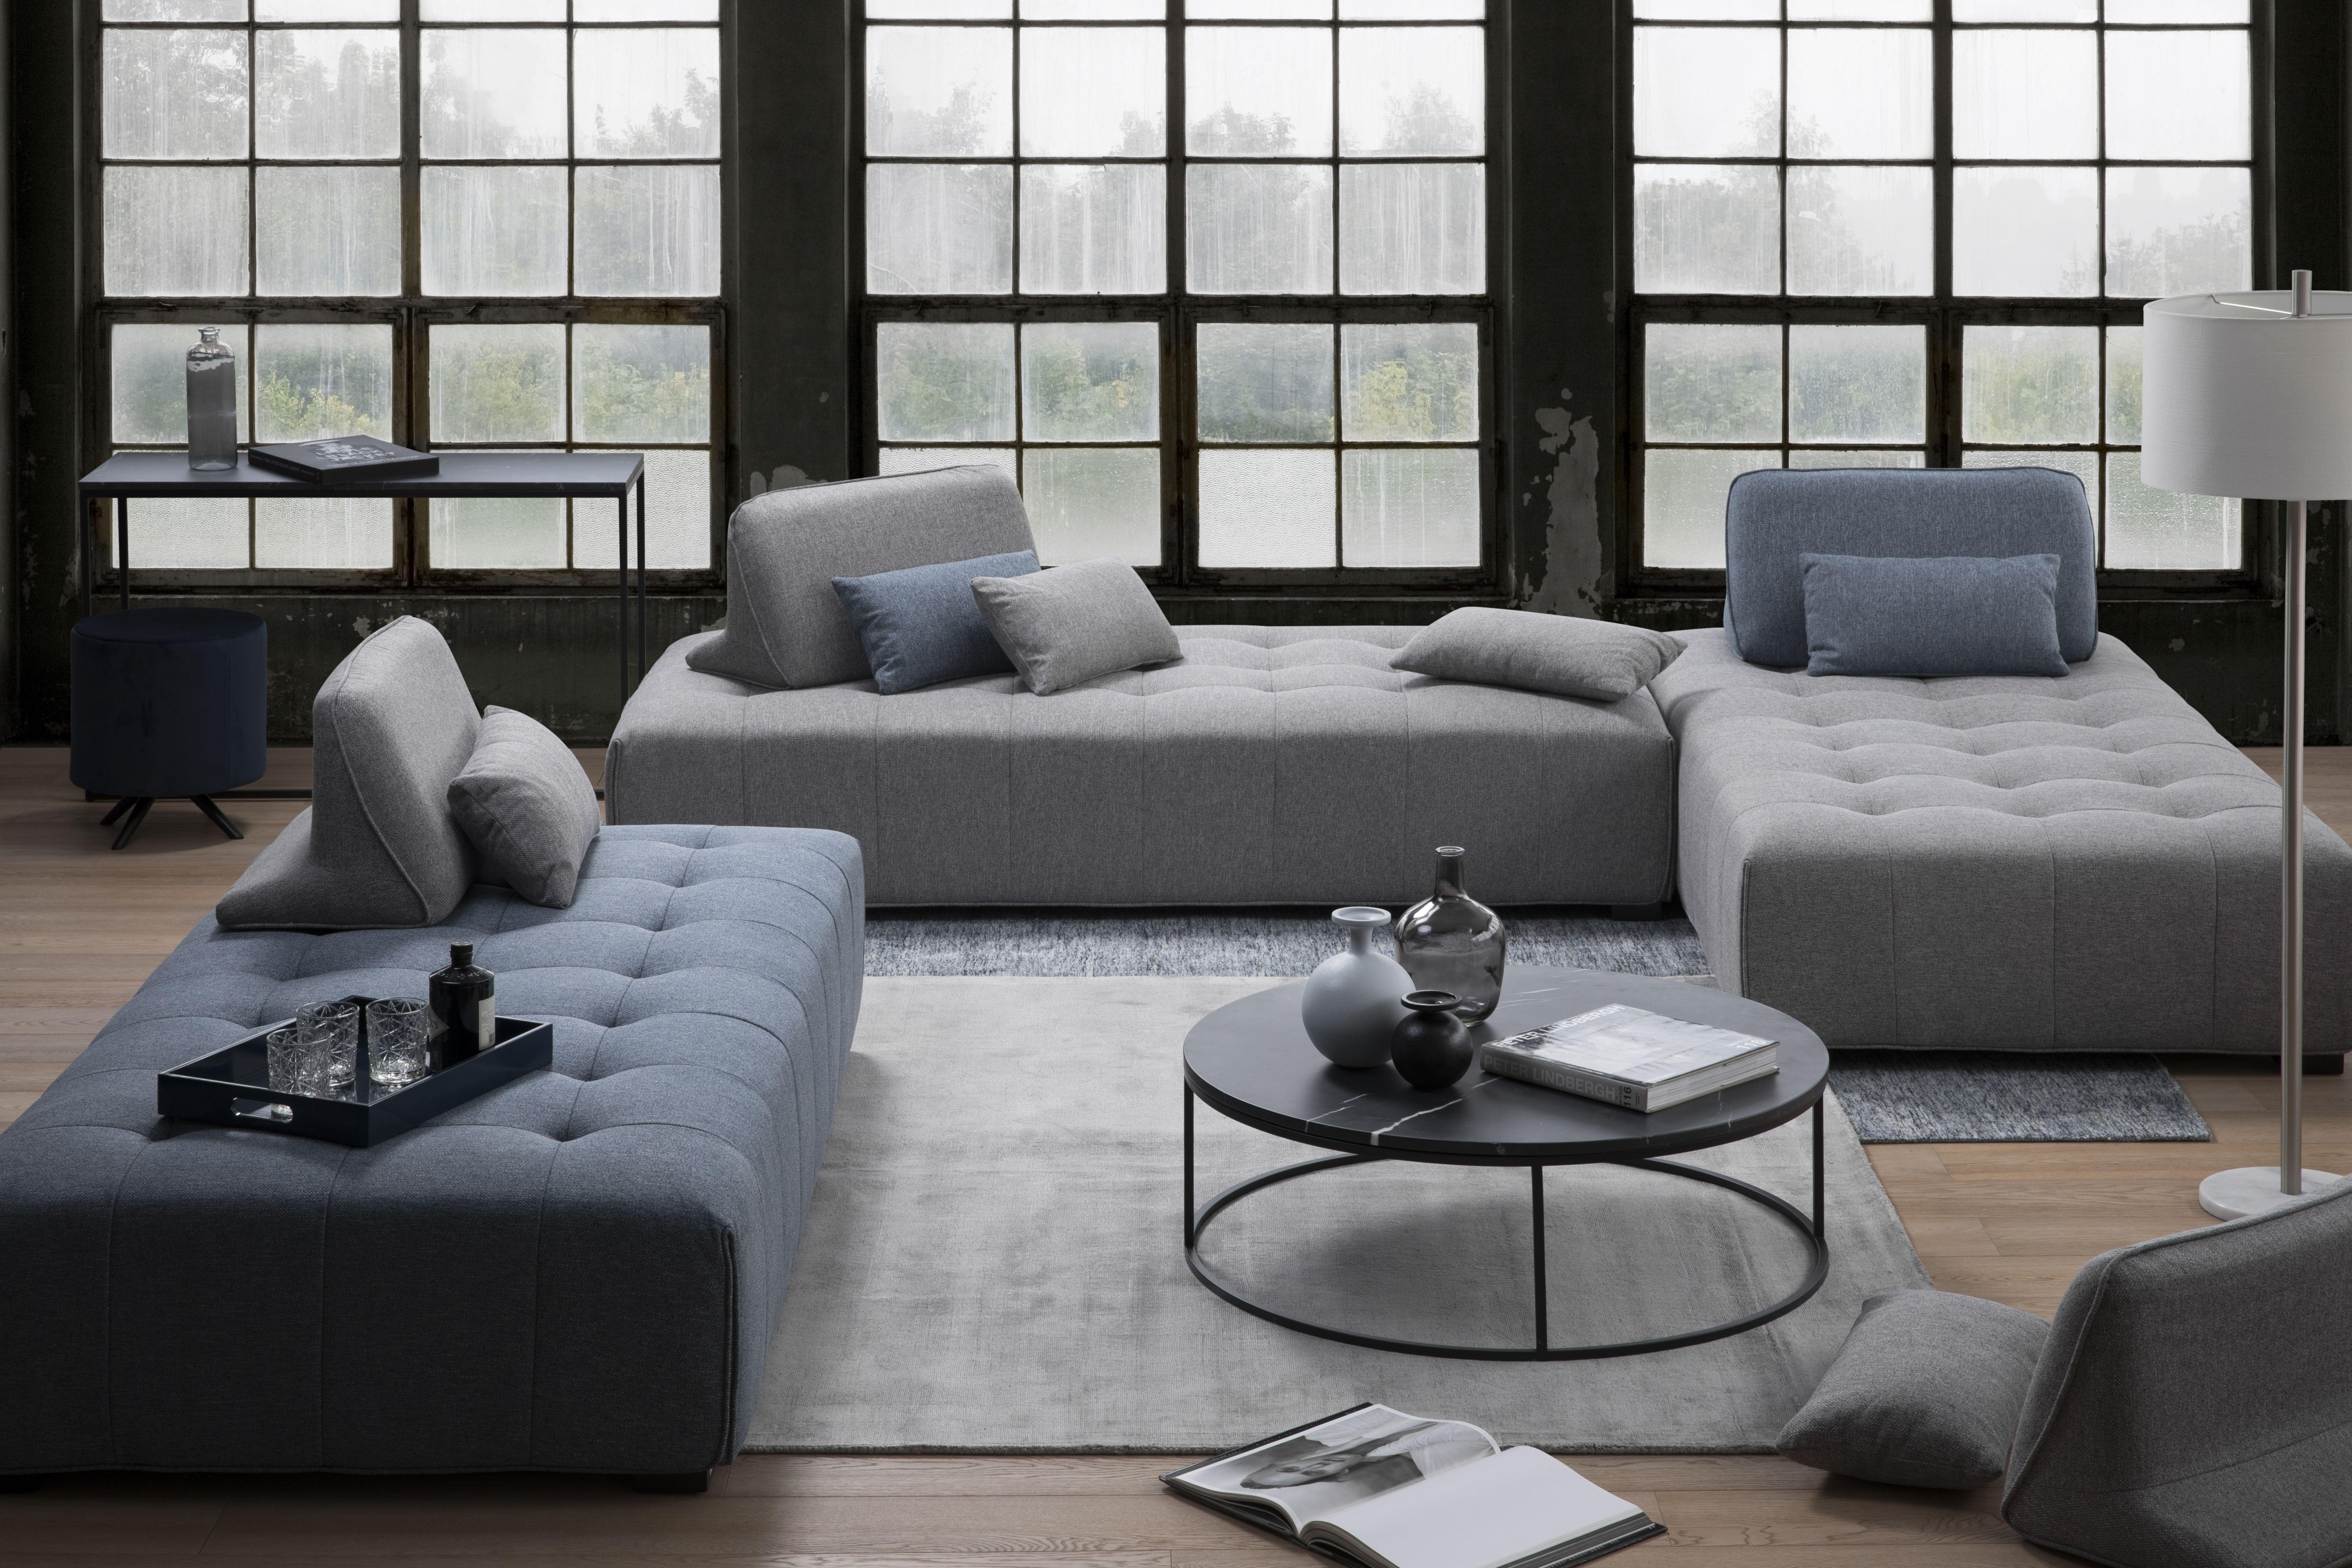 Epingle Par La Galerie Du Meuble Sur Salons Canape Design Canape Gris Modulable Chaises De Luxe